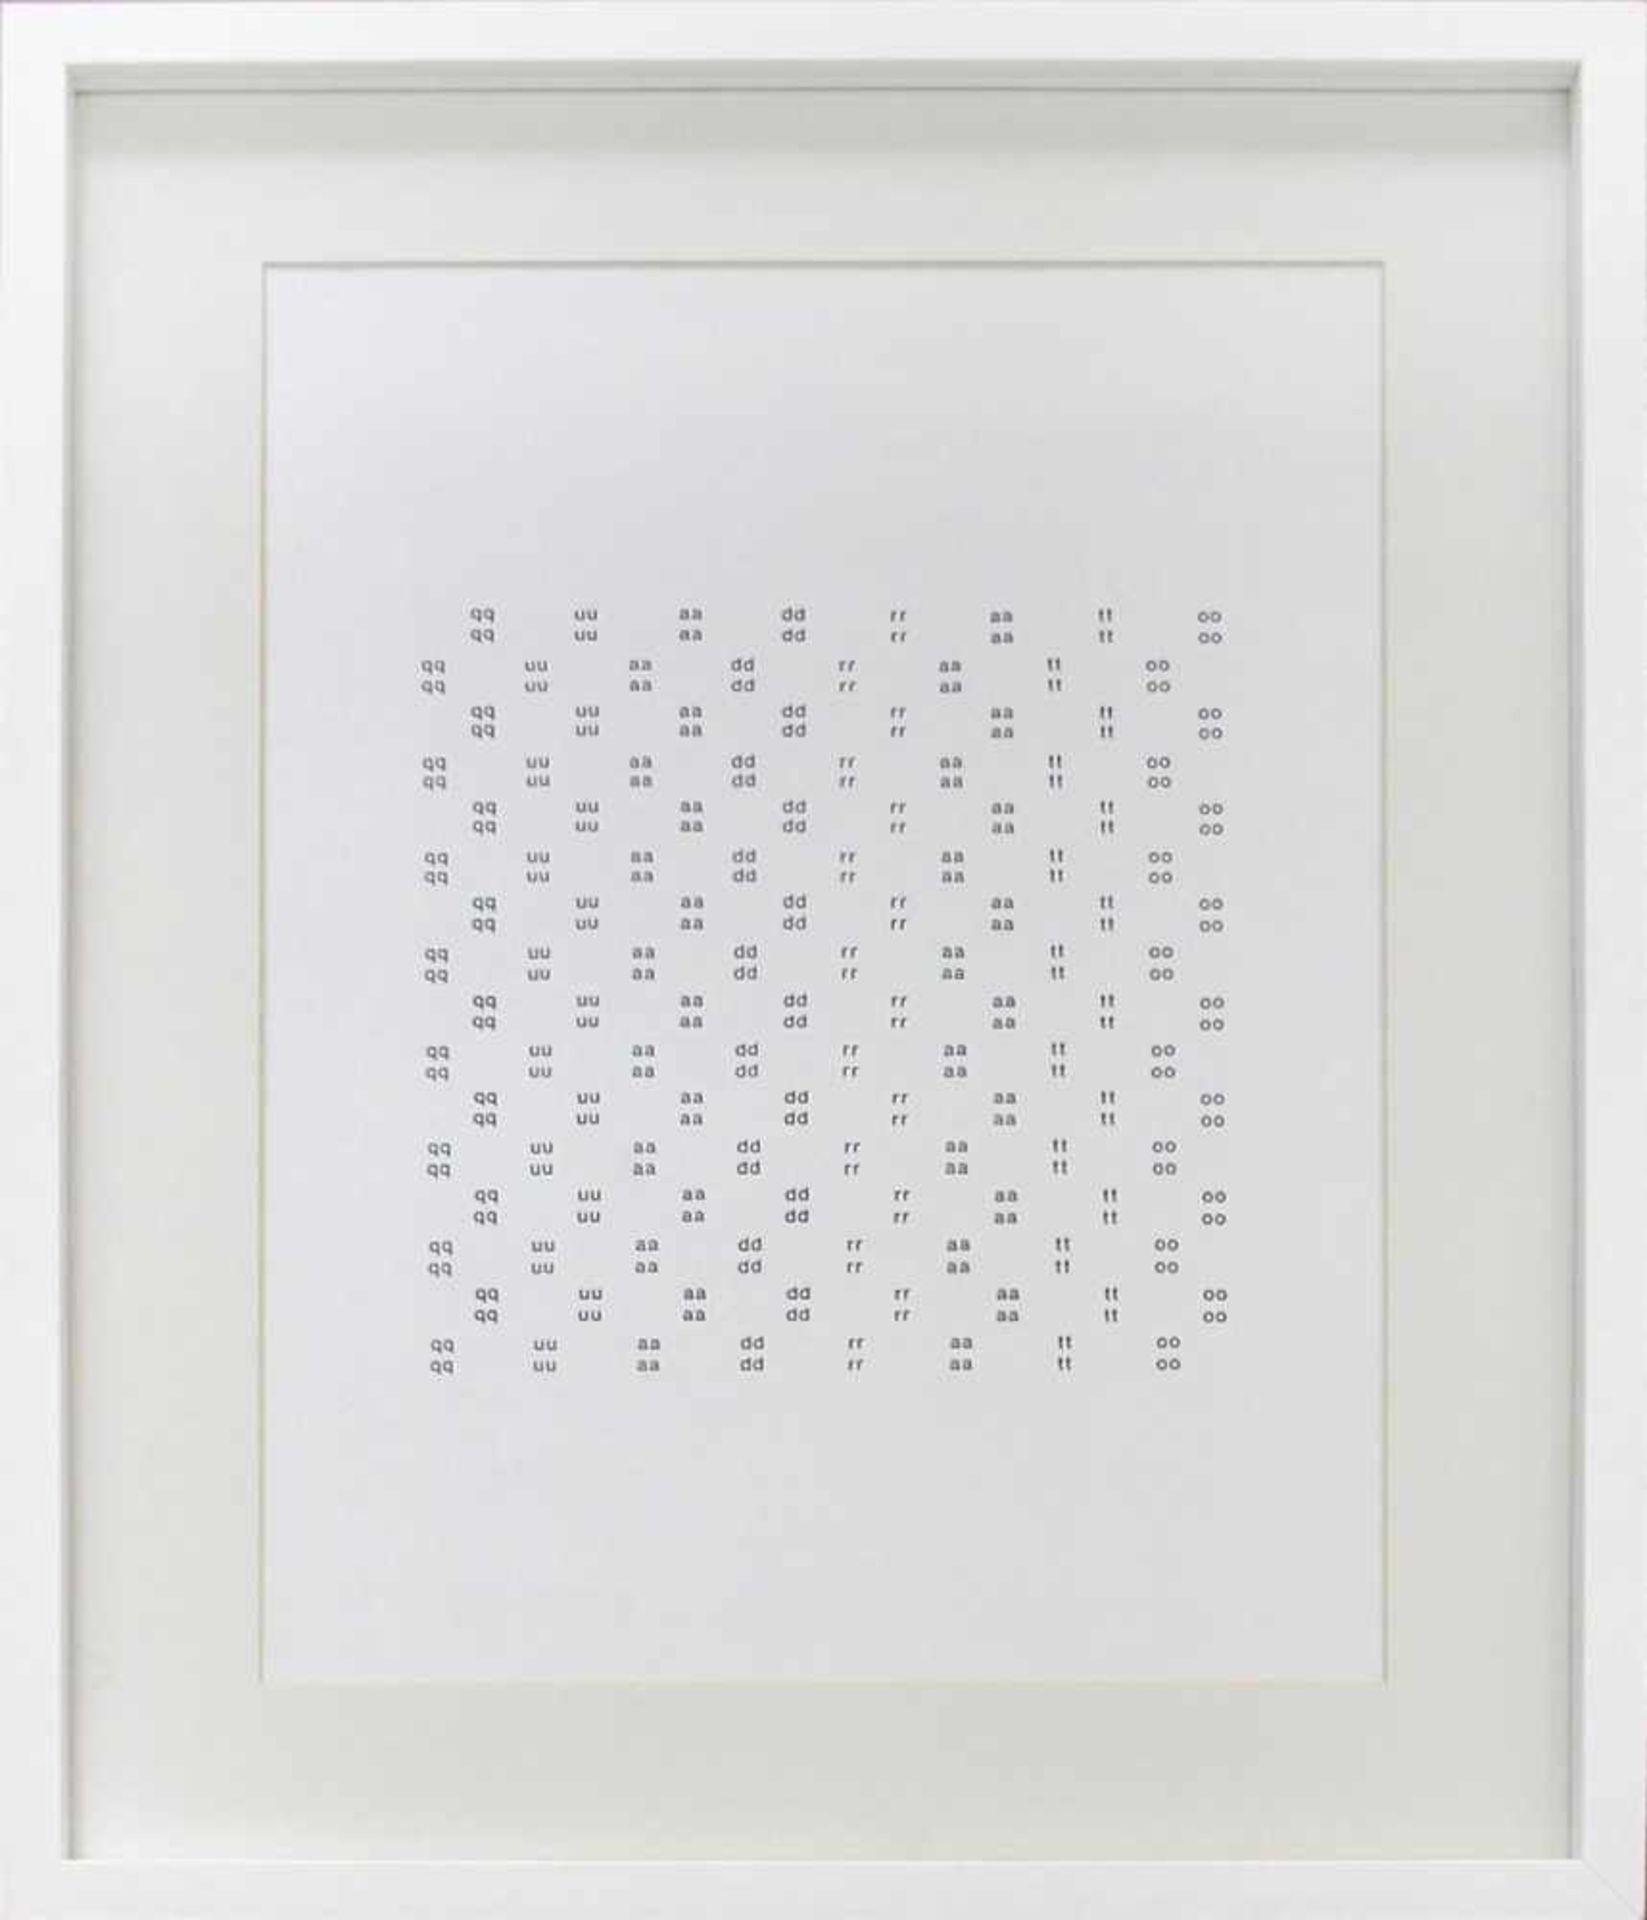 Heinz Gappmayr 1925 - 2010 Quadrato 1988 Offset-Druck handsigniert und datiert verso 42 x 30 cm - Bild 2 aus 3